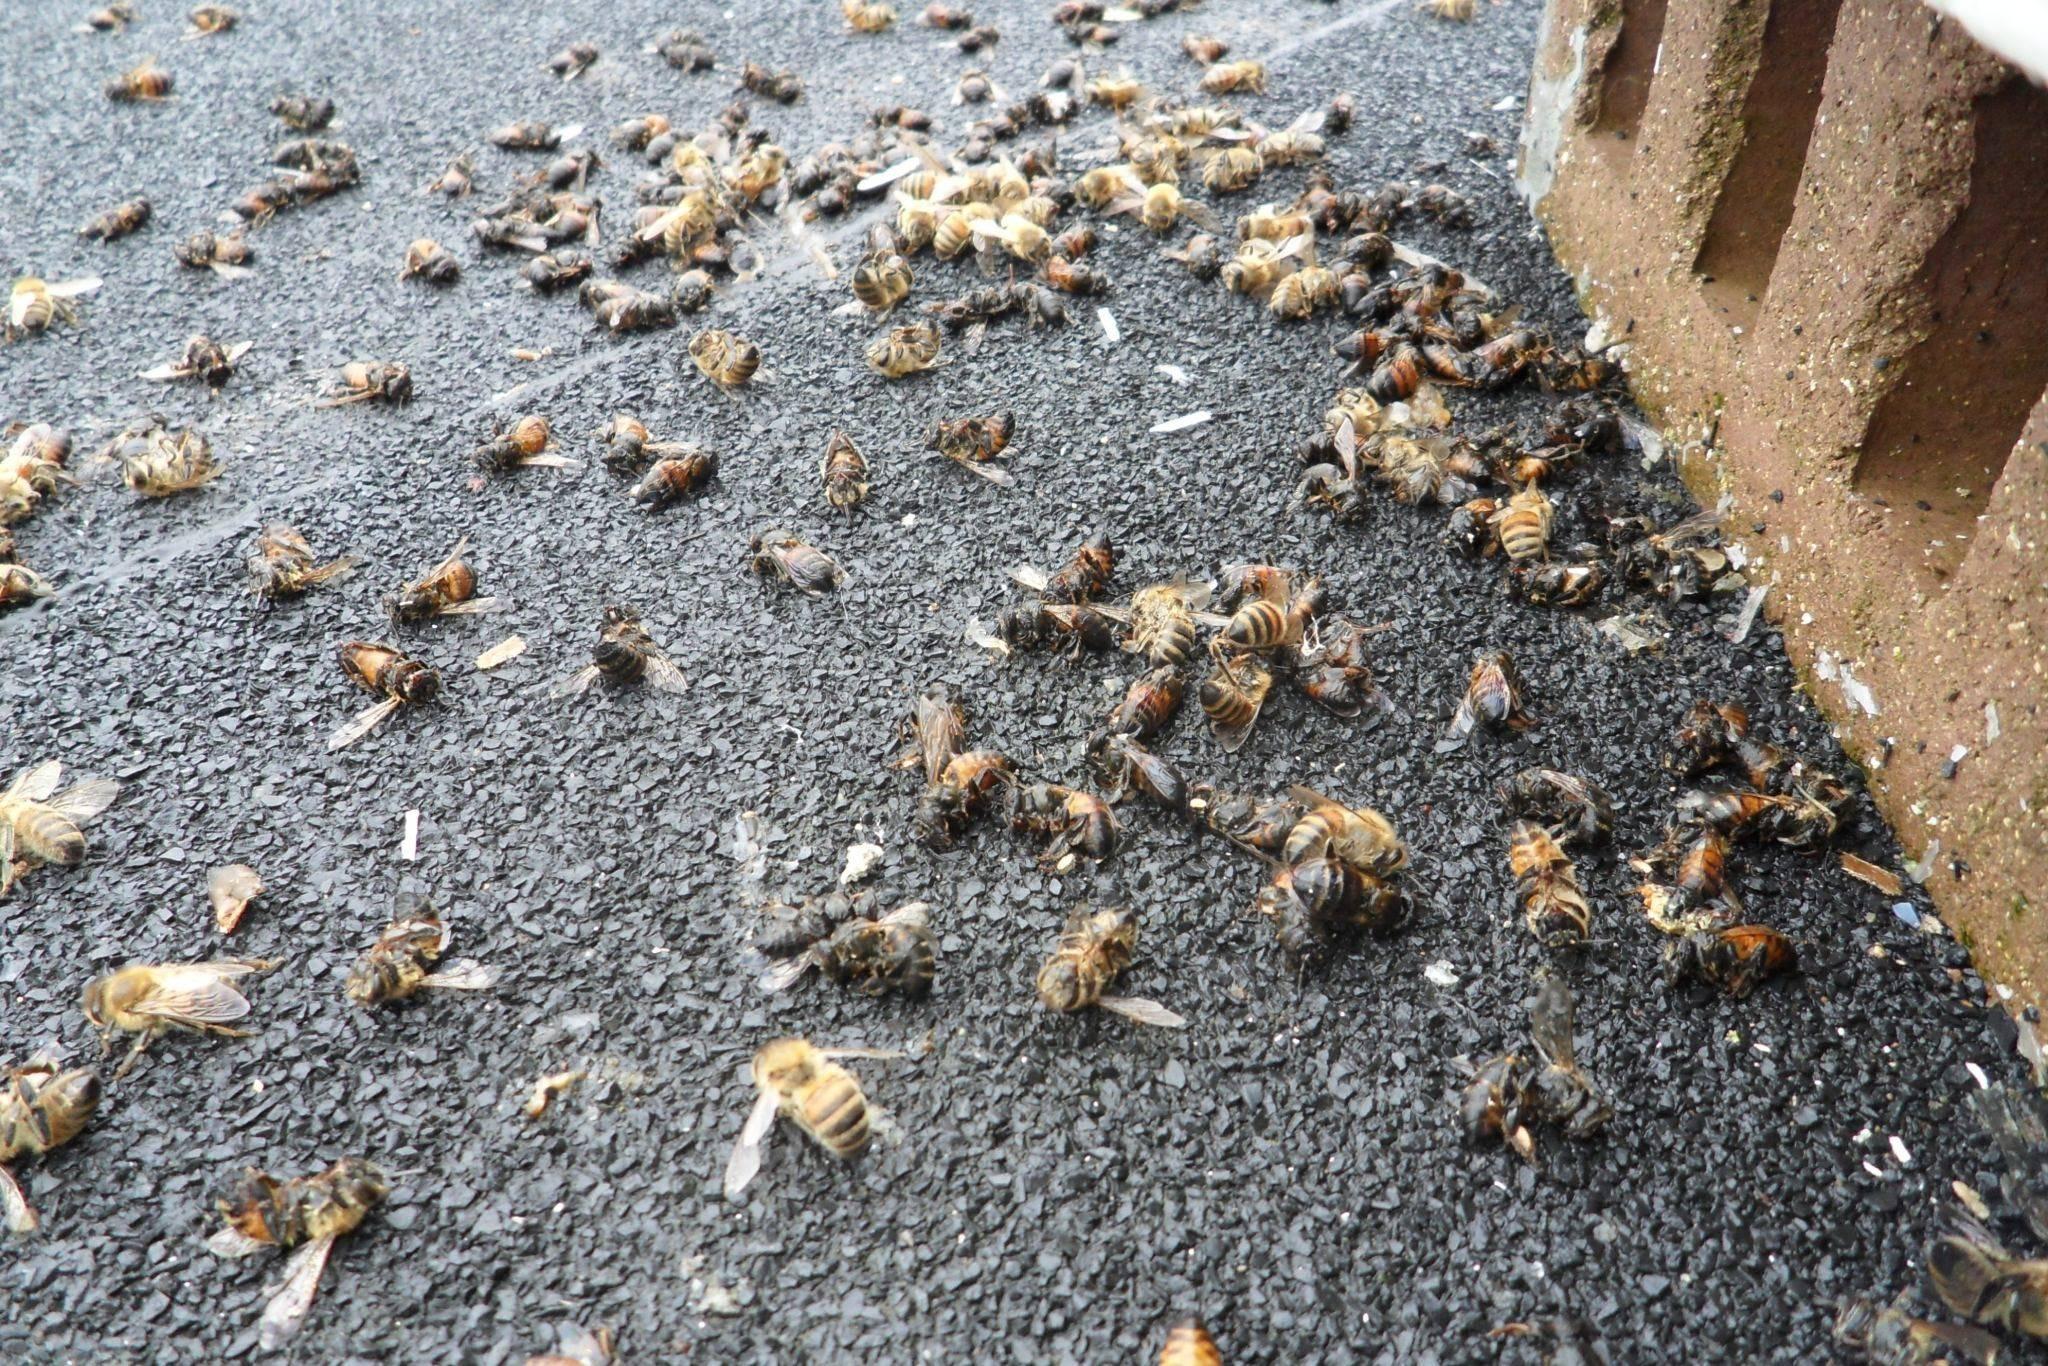 Вымирание пчёл: почему так происходит и как решить проблему